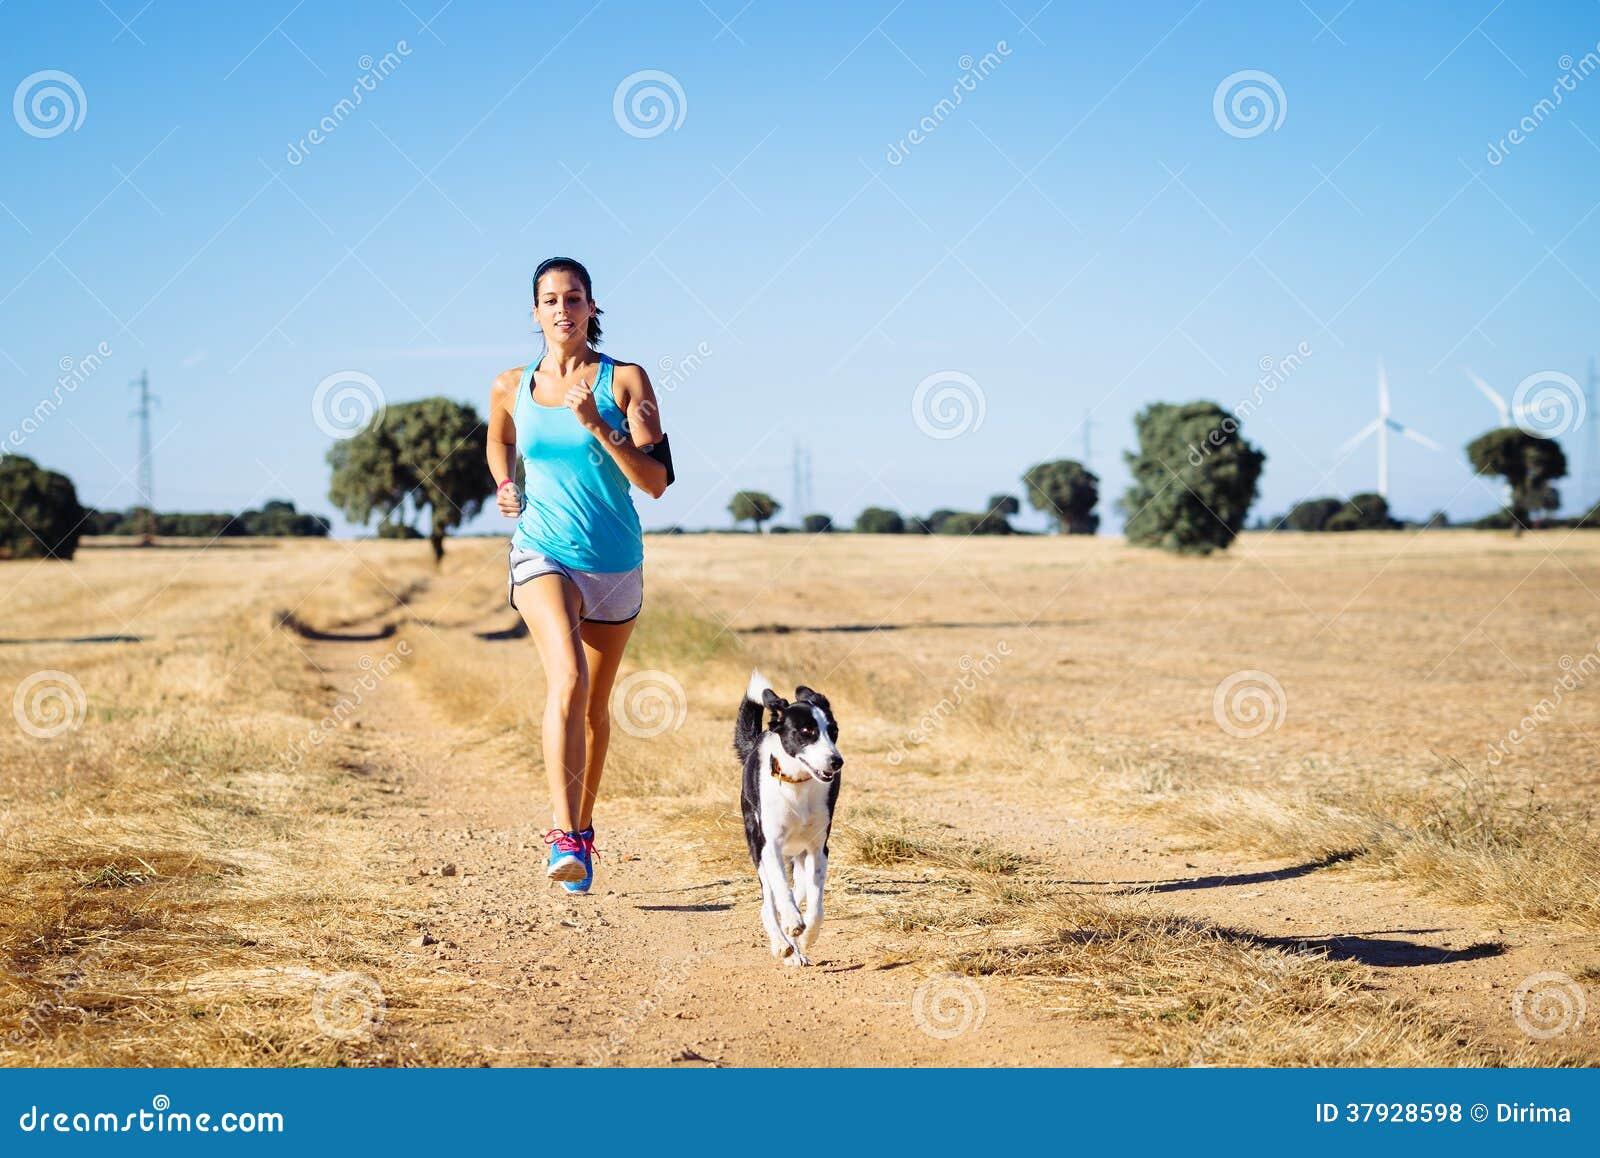 След женщины идущий перекрестный в пути сельской местности